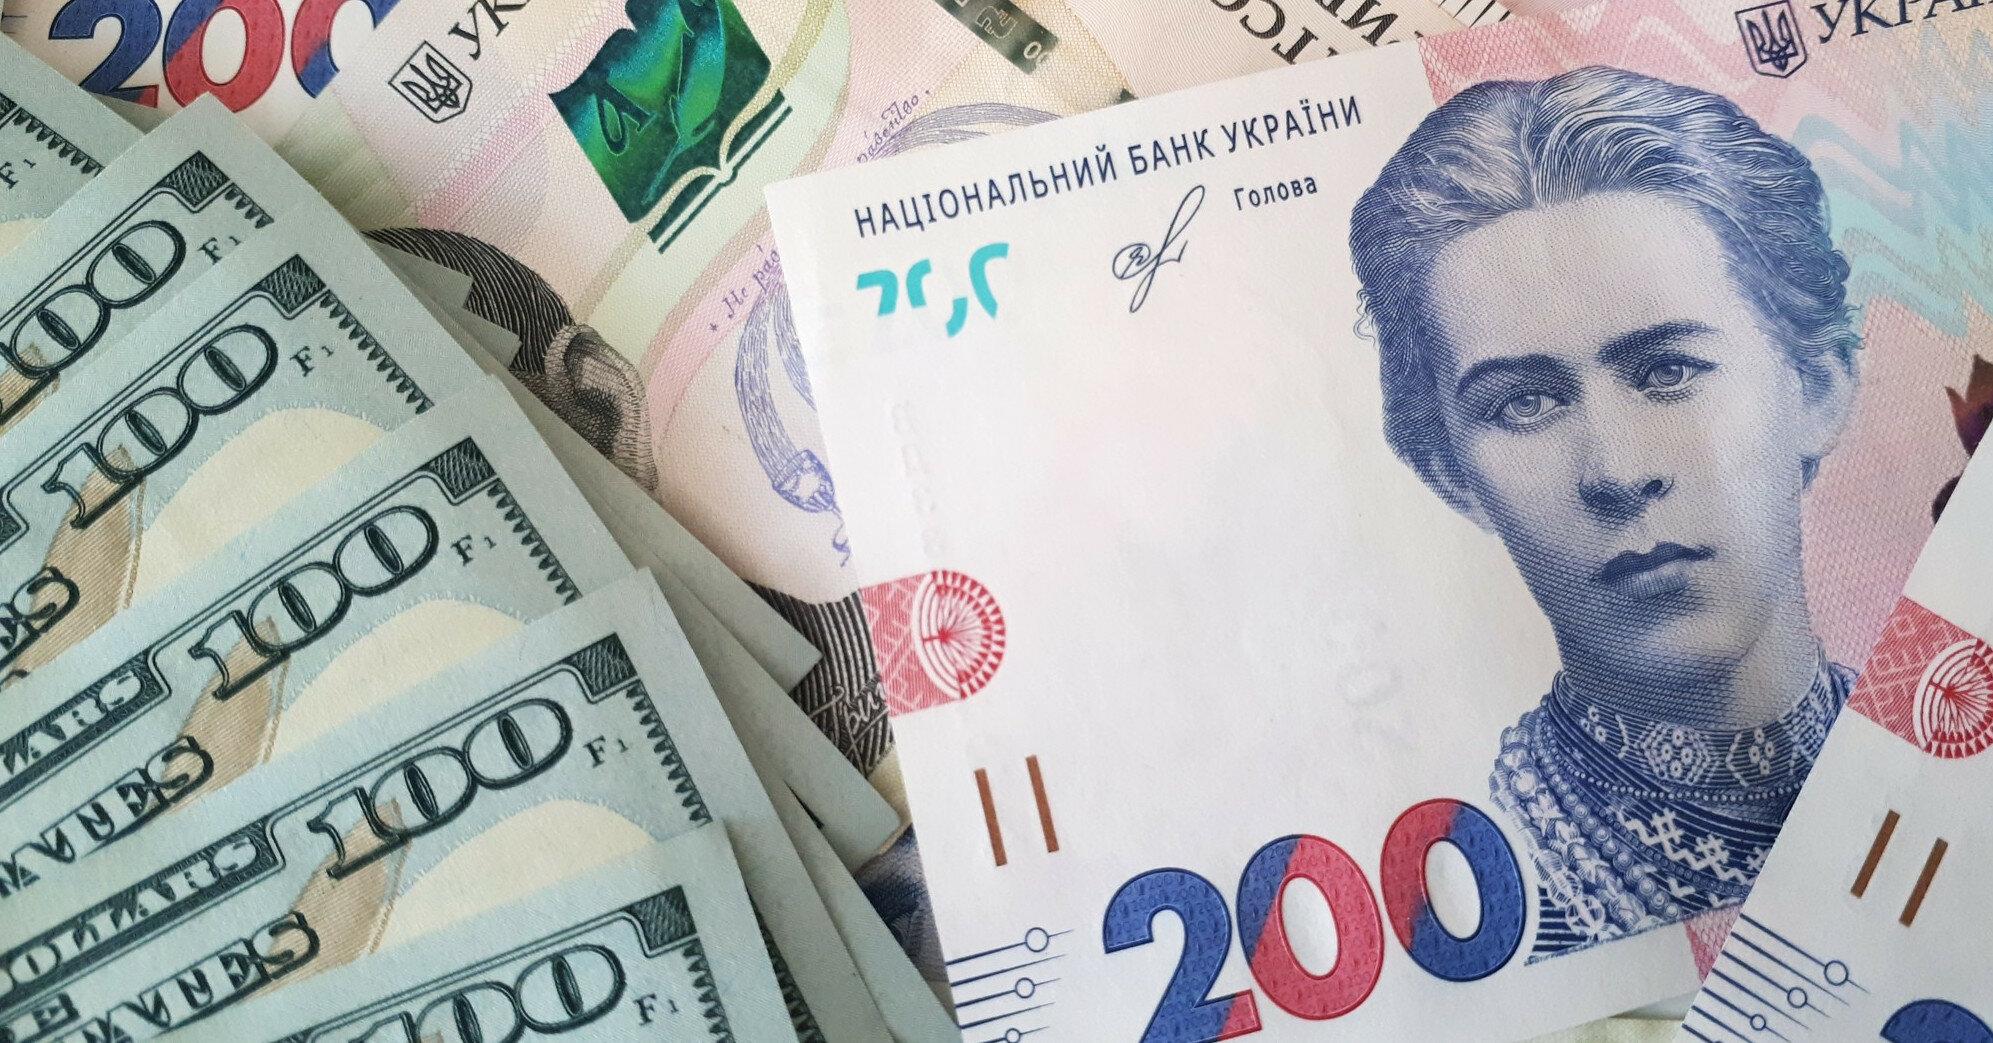 В НБУ назвали причины колебаний курса гривны к доллару